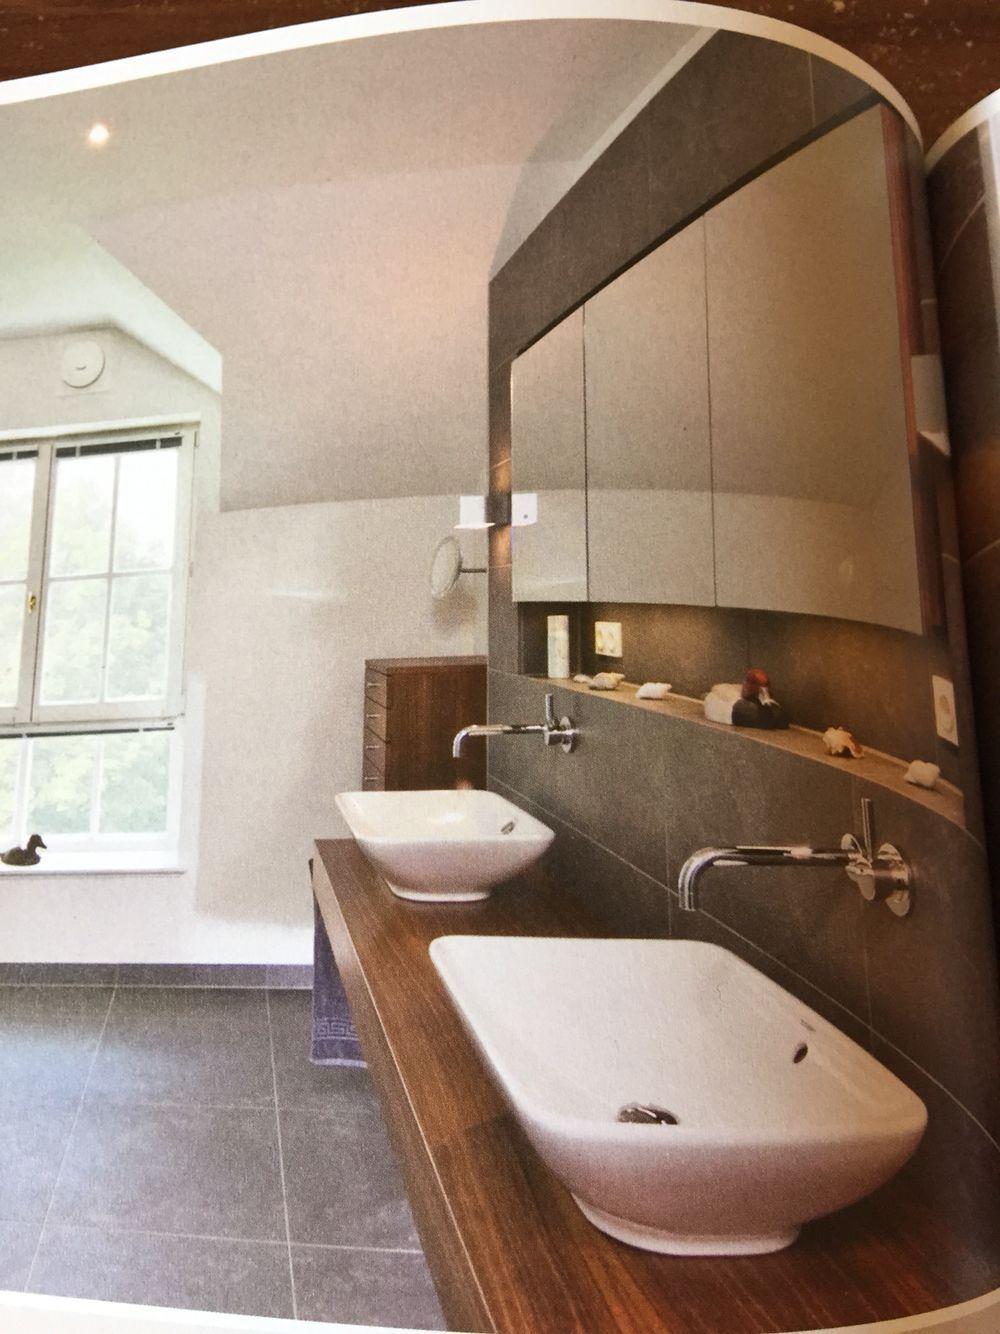 6 Schone Ablage Im Bad Inkl Spiegelschrank Bad In Badezimmer Eintagamsee Badezimmer Spiegelschrank Bad Spiegelschrank